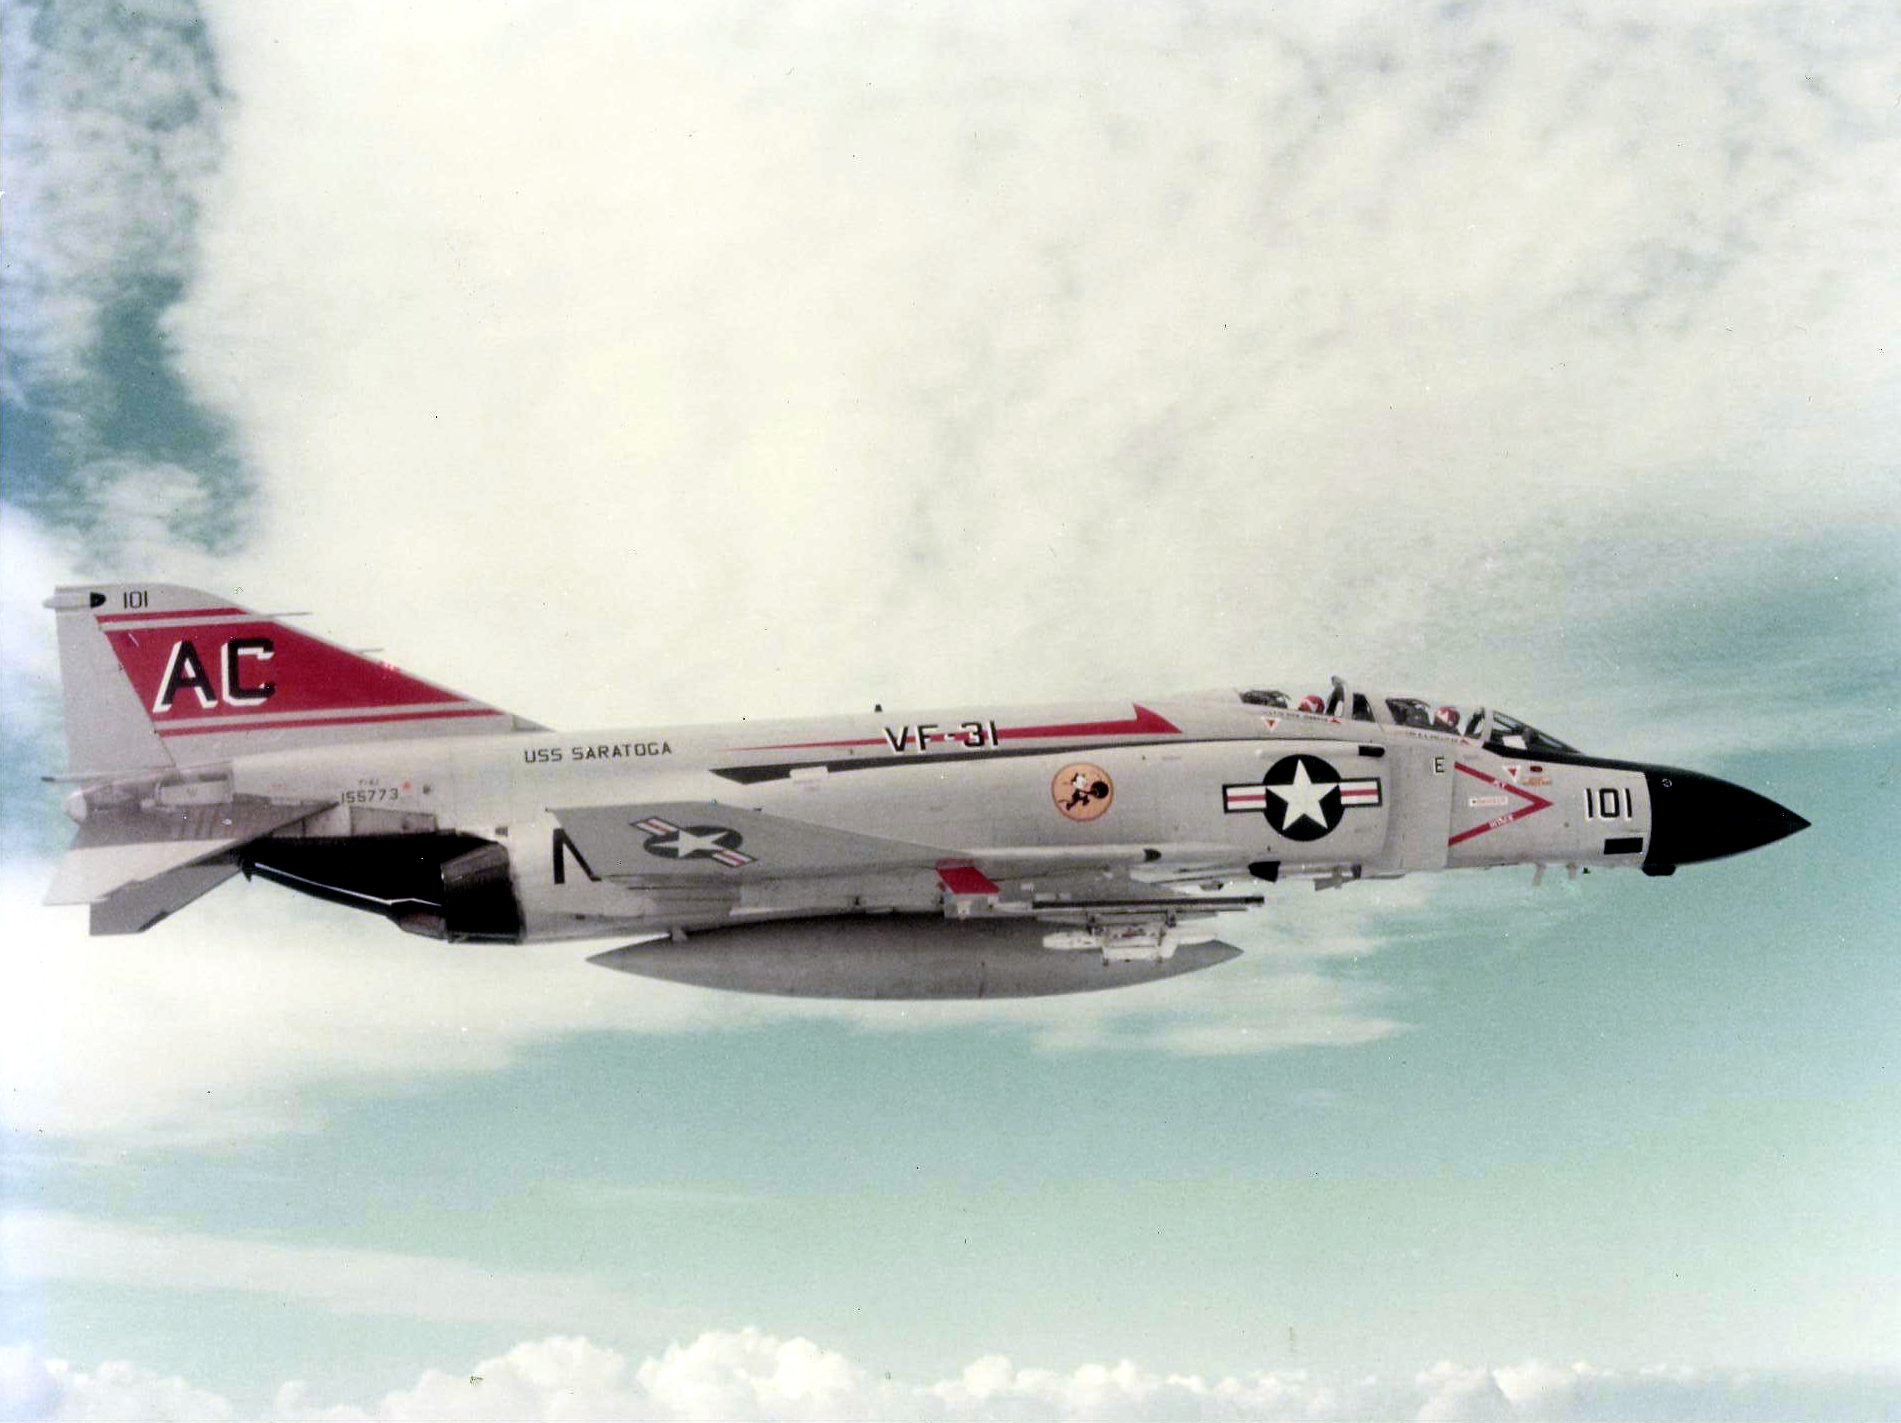 A 40 anni da Ustica, che certezze abbiamo? - Pagina 5 F-4J_Phantom_II_fo_VF-31_in_flight_c1978